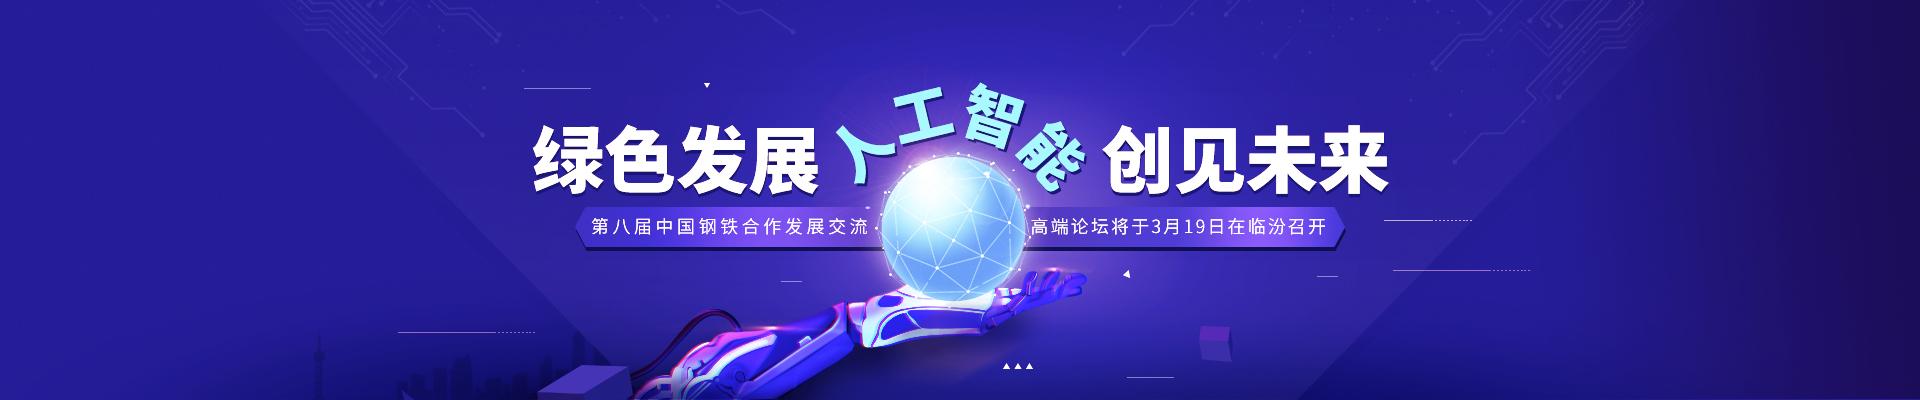 第八届中国彩25官网合作发展交流高端论坛